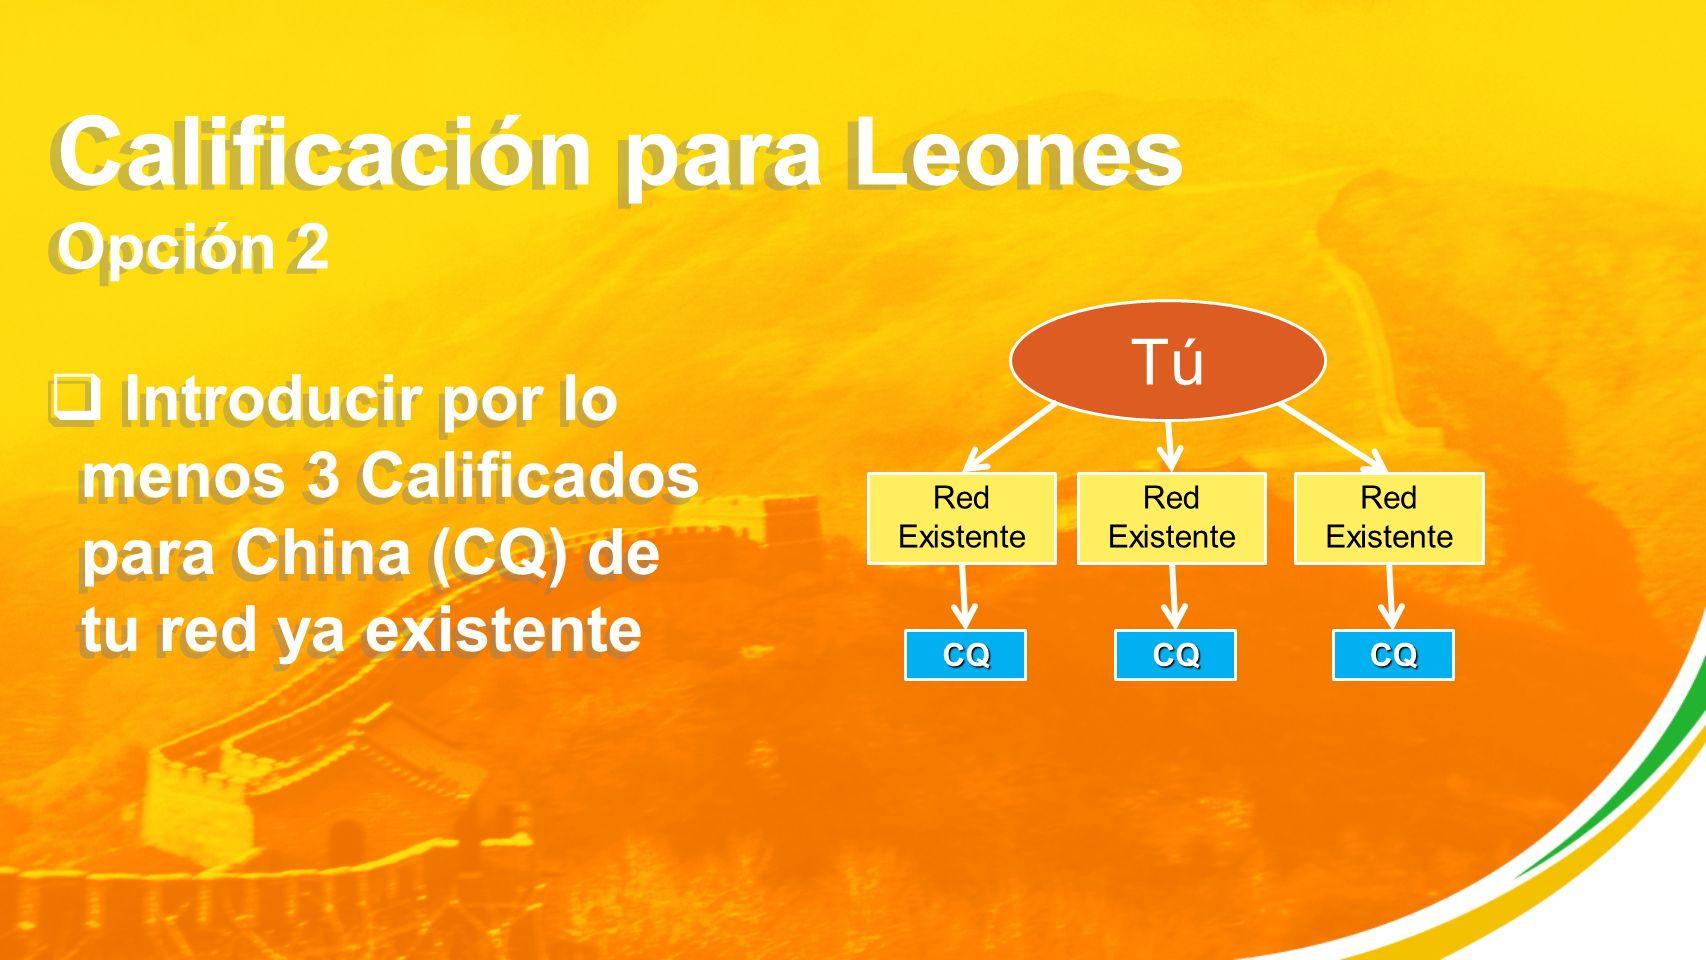 Calificación para Leones Opción 2 Introducir por lo menos 3 Calificados para China (CQ) de tu red ya existente Tú Red Existente CQ CQ CQ